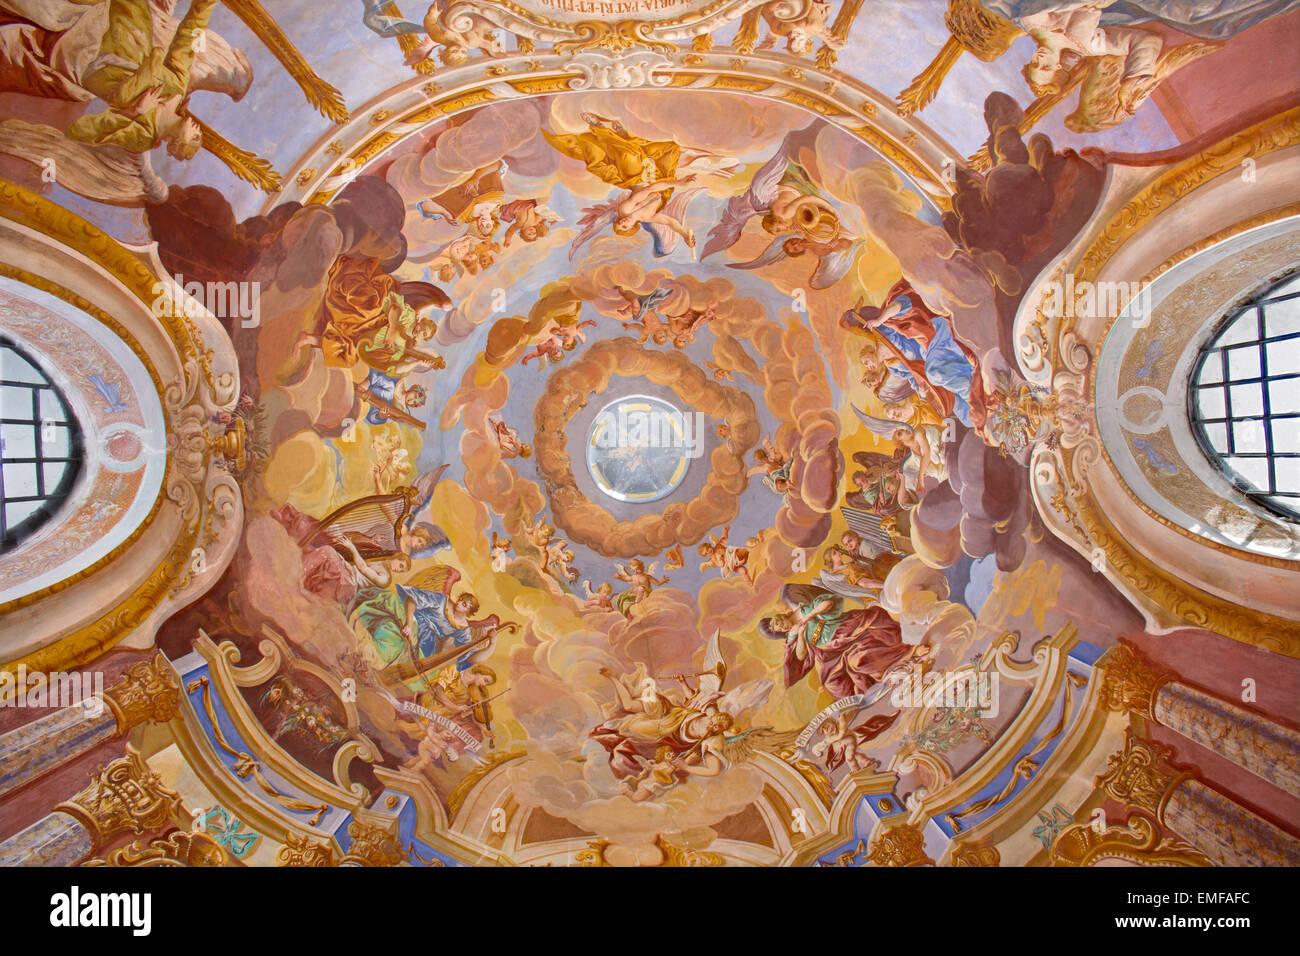 Banska Stiavnica - Angeli con strumenti musicali. Affresco sulla cupola nella chiesa centrale del barocco calvario Immagini Stock